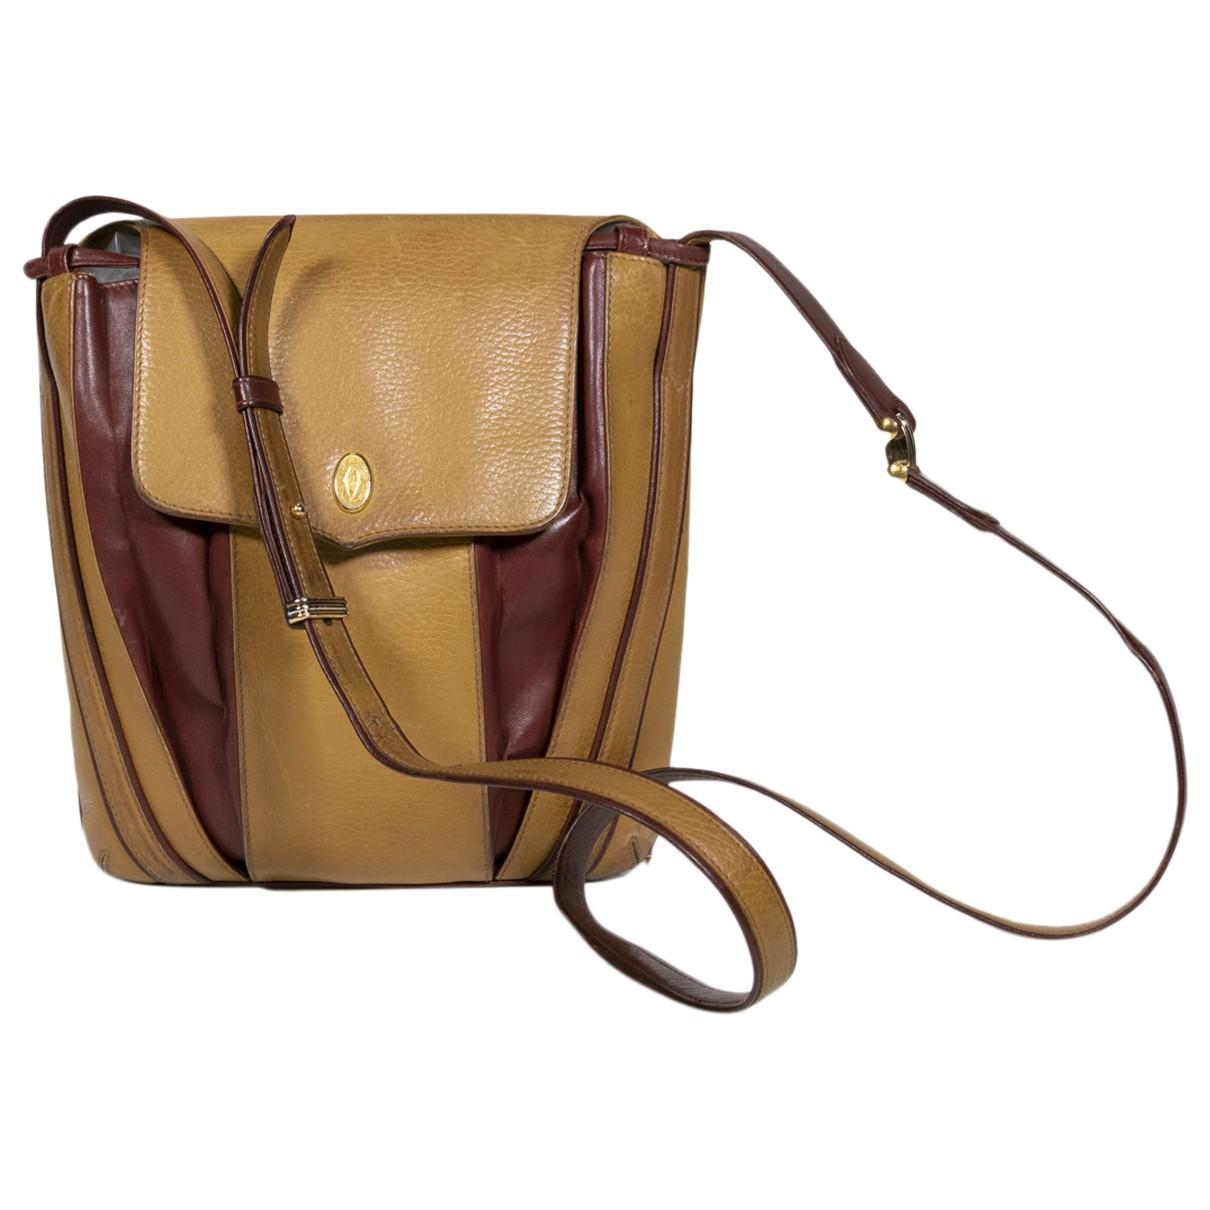 Cartier - Sac a main   pour femme en cuir - marron